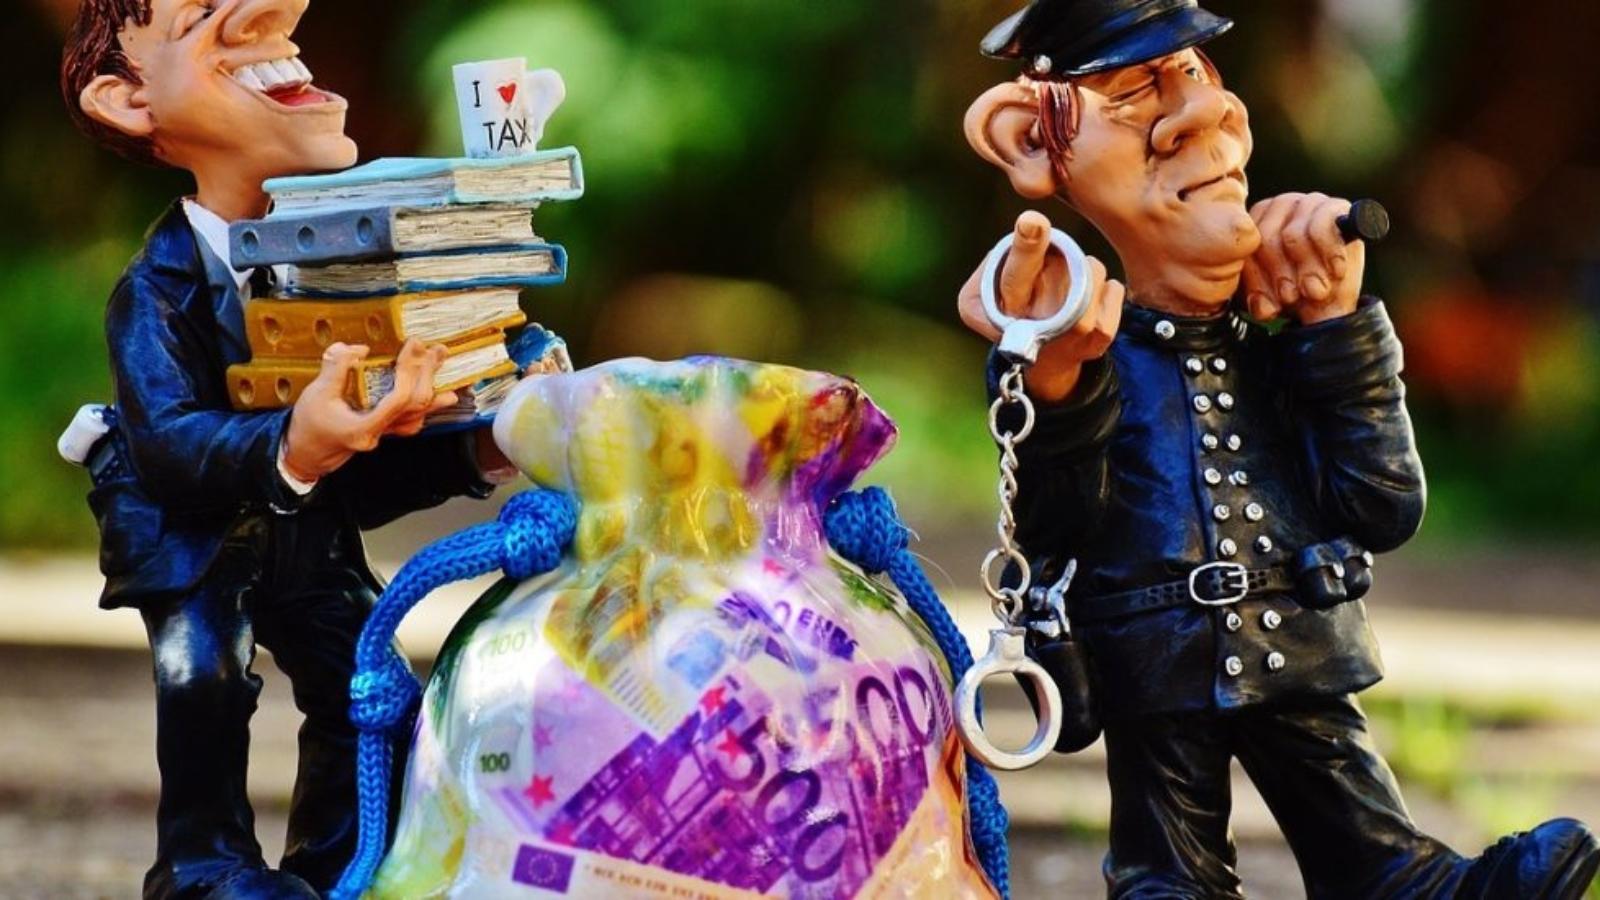 Rotaļlietas grāmatvedis ar mapēm un policists ar rokasdzelžiem.